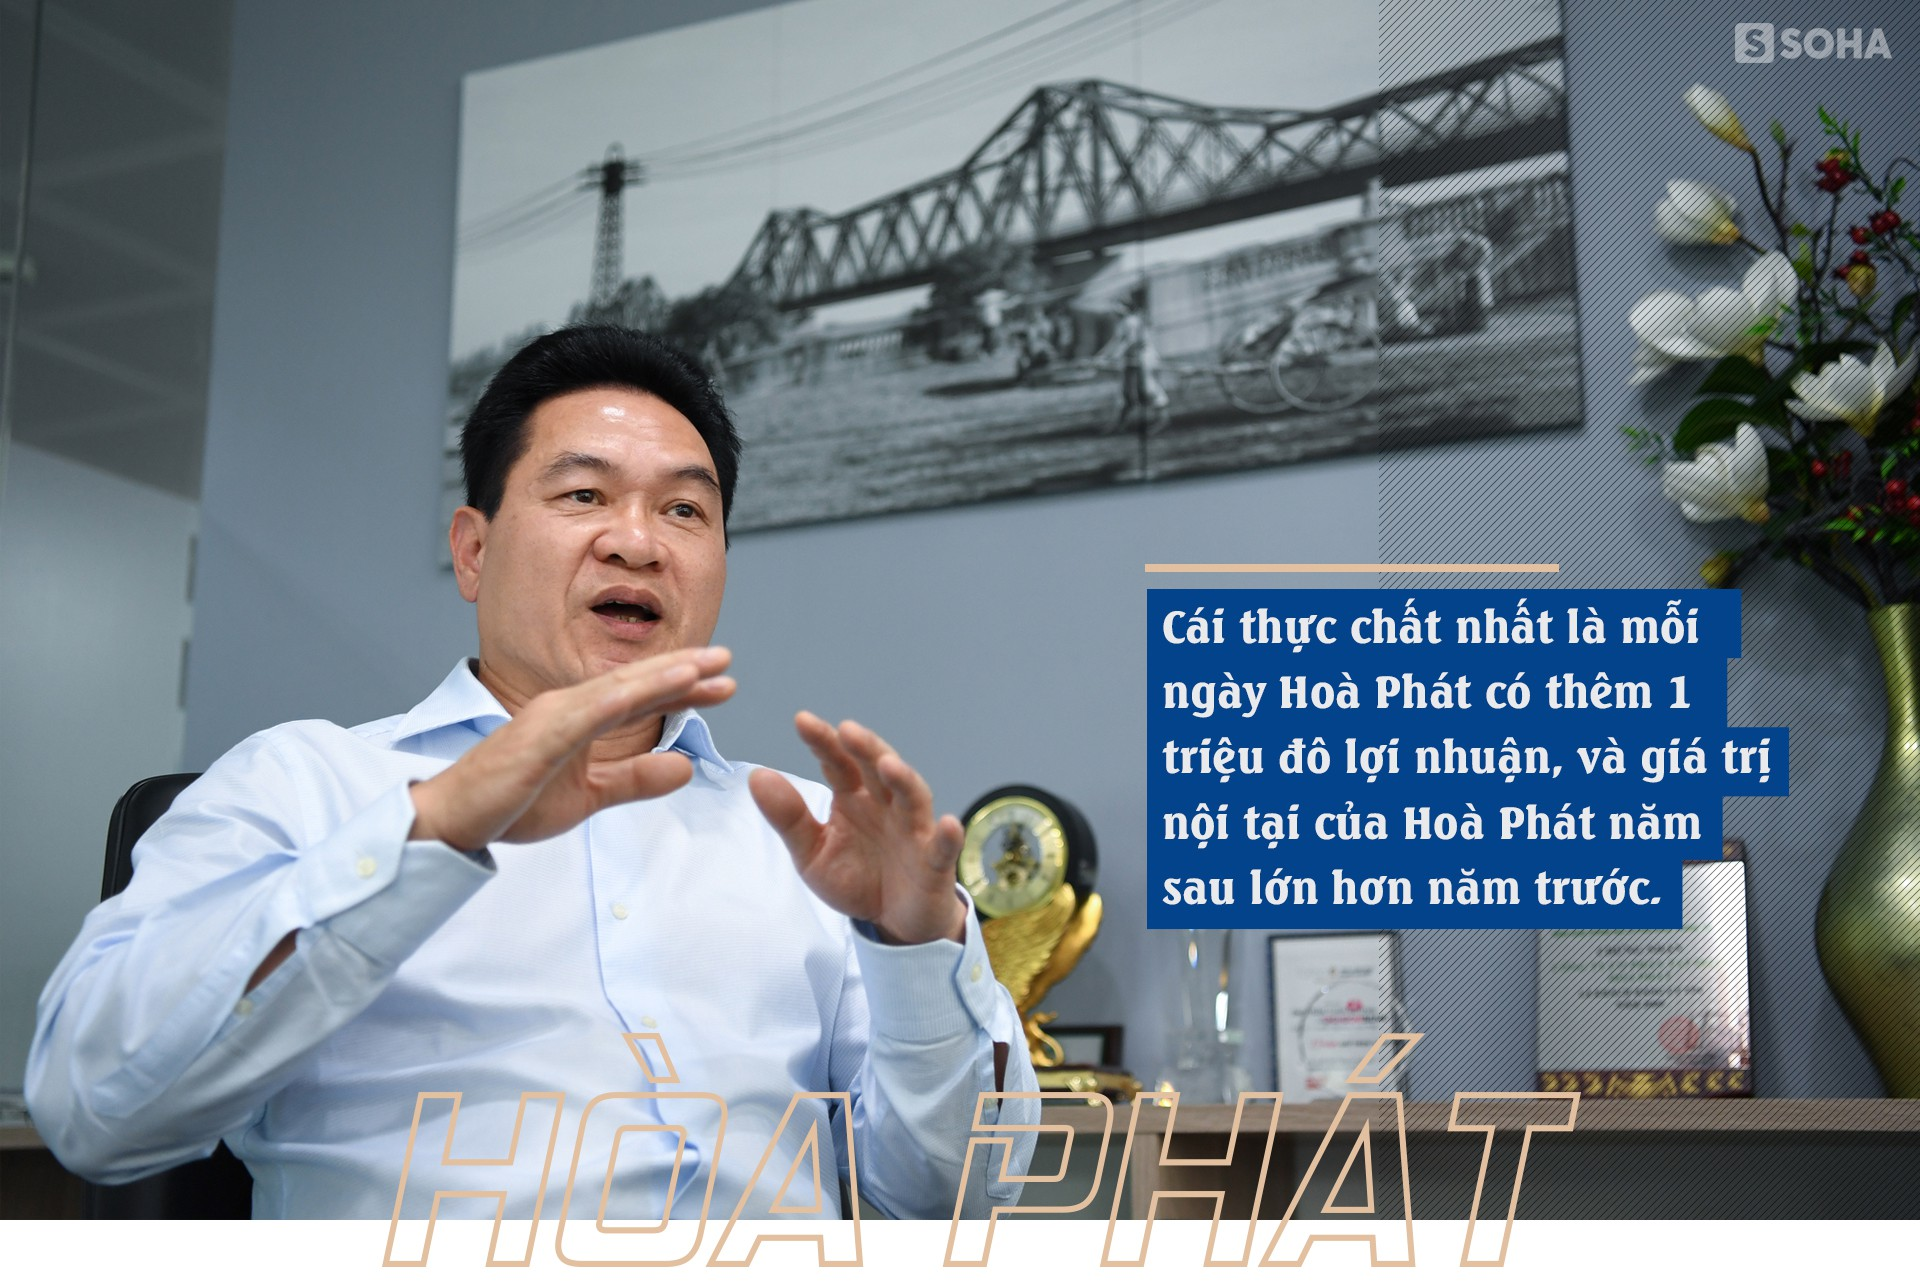 CEO Hòa Phát: Mỗi ngày, chúng tôi lãi 1 triệu USD - Ảnh 10.